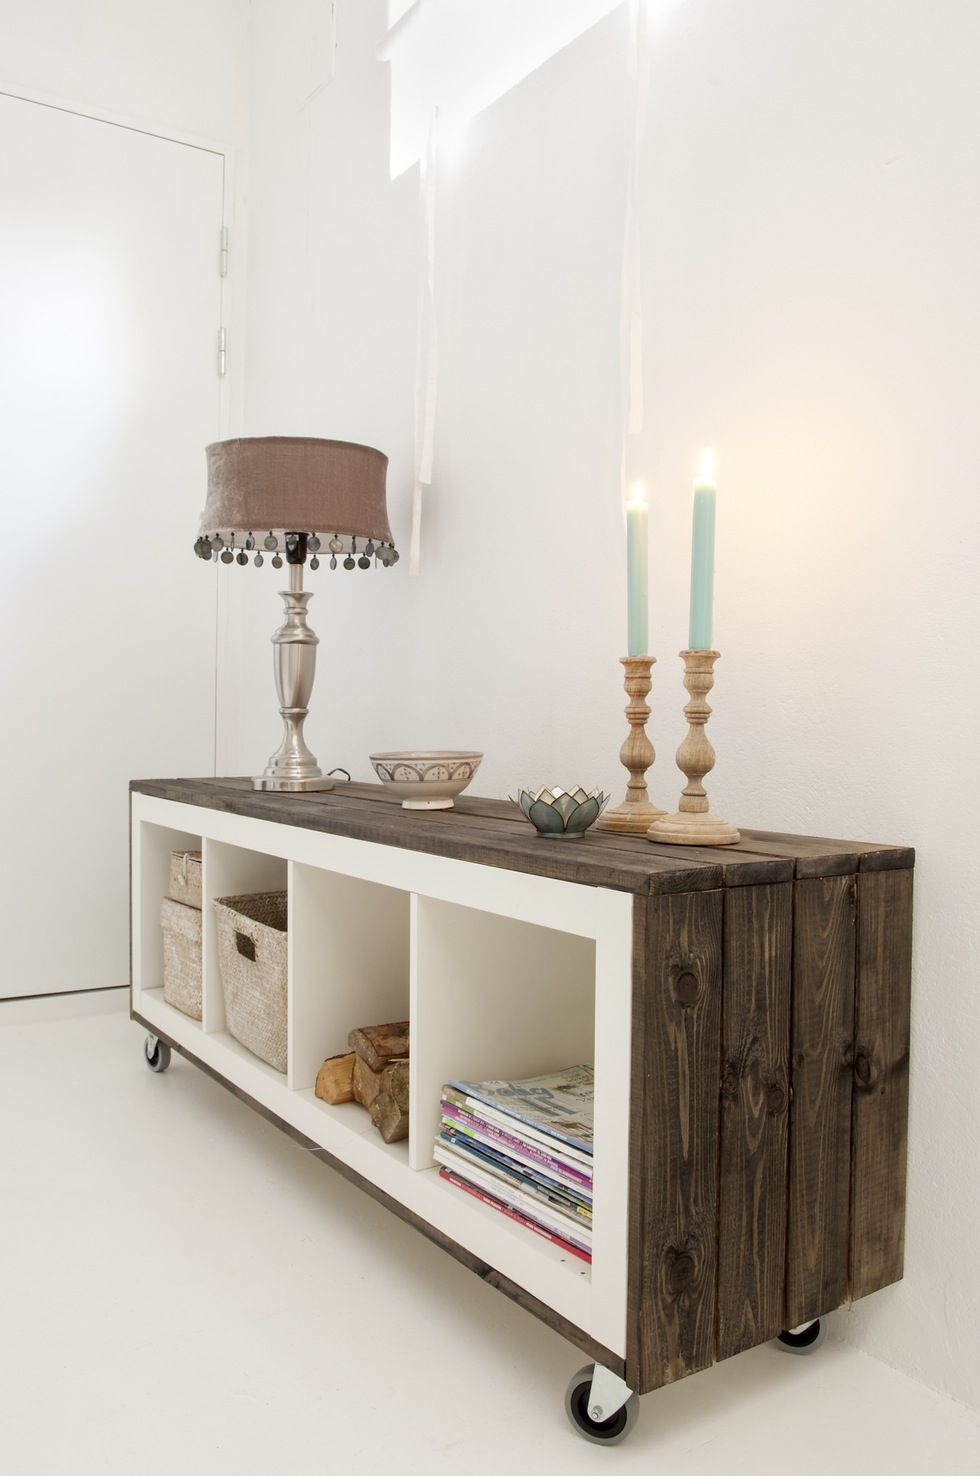 Pimp Up Ikea Furniture Simplistic Design Pinterest # Muebles Pecera Ikea